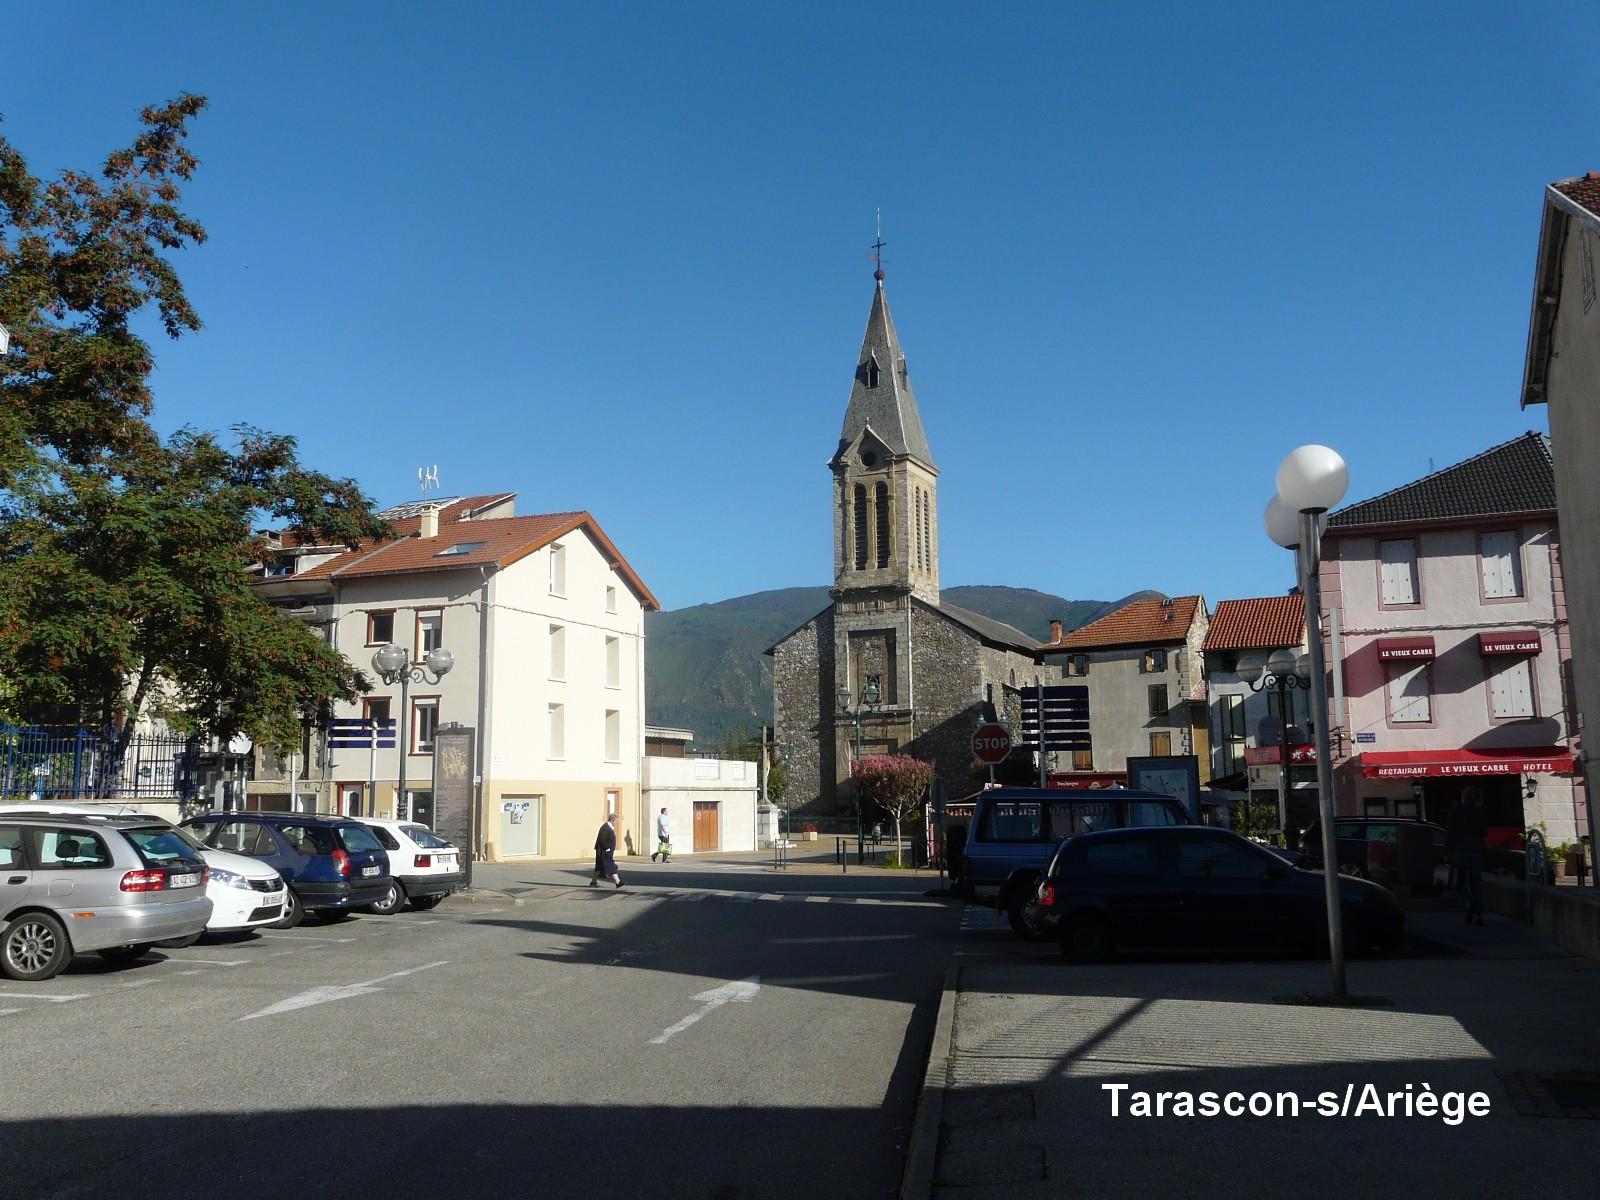 Photo tarascon sur ari ge 09400 cr dit andr - Office du tourisme de tarascon sur ariege ...